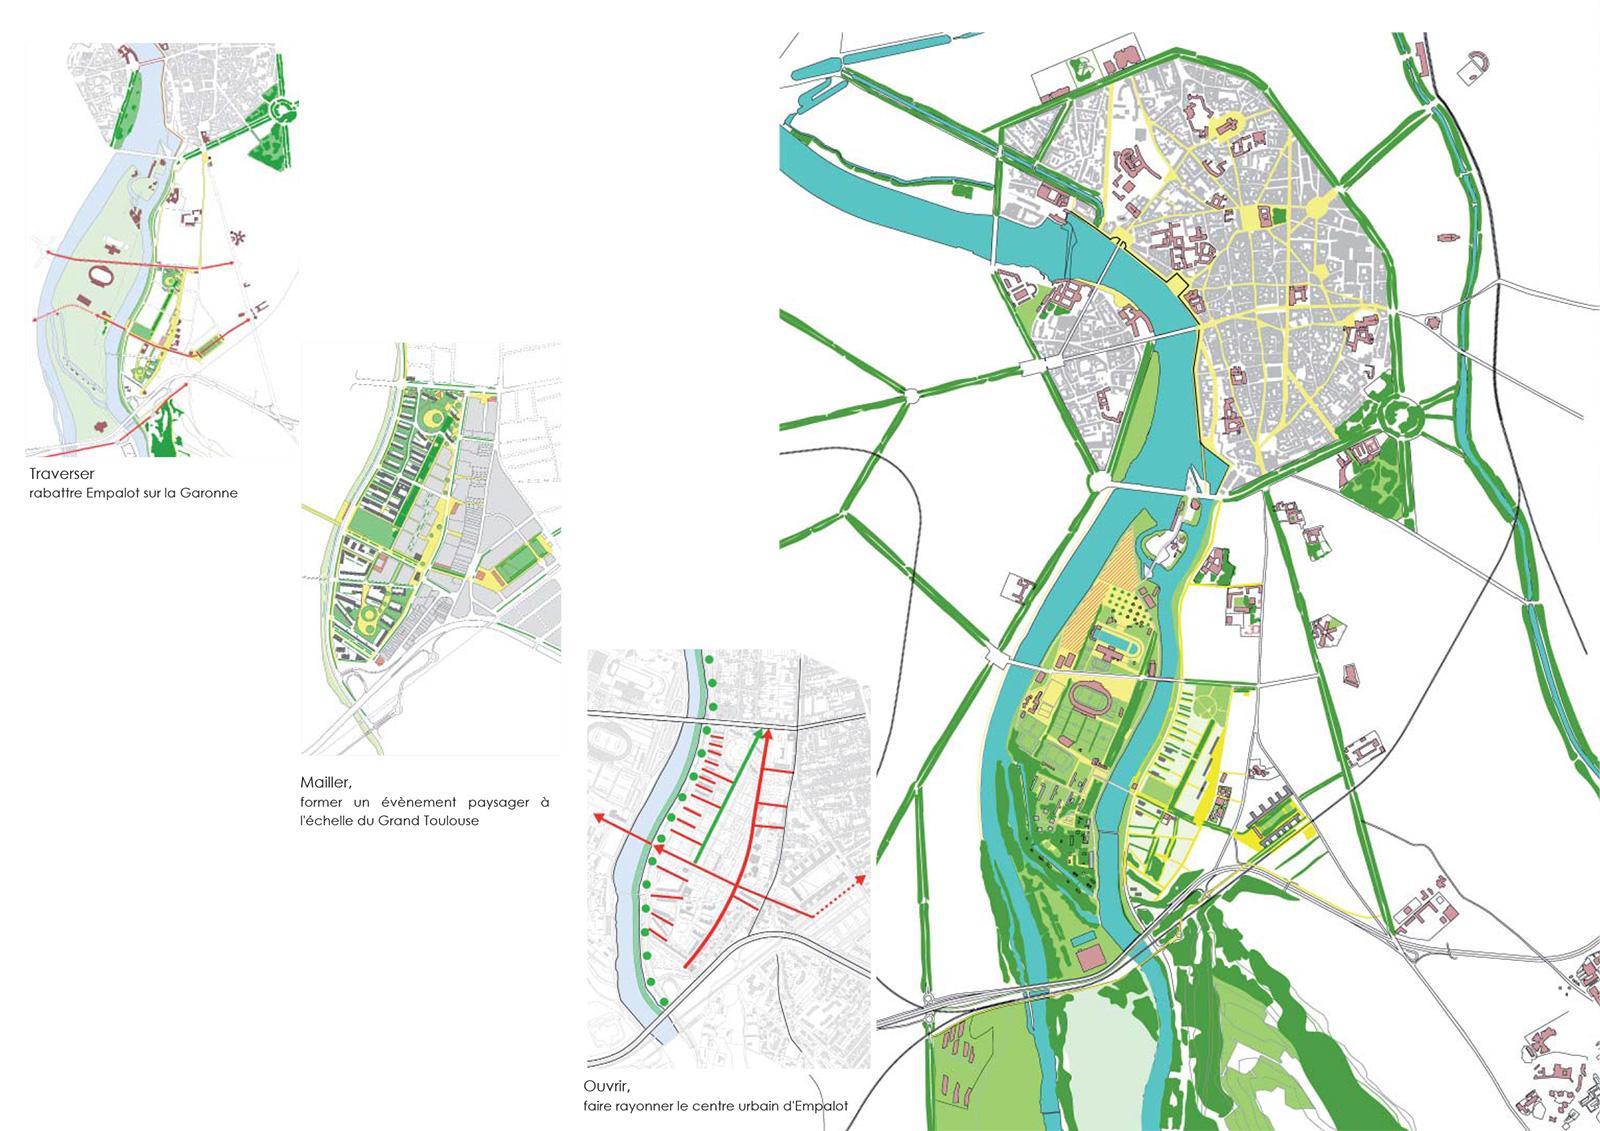 3-germe-et-jam-TOUE-toulouse-emplaot-projet-urbain---OUVRIR